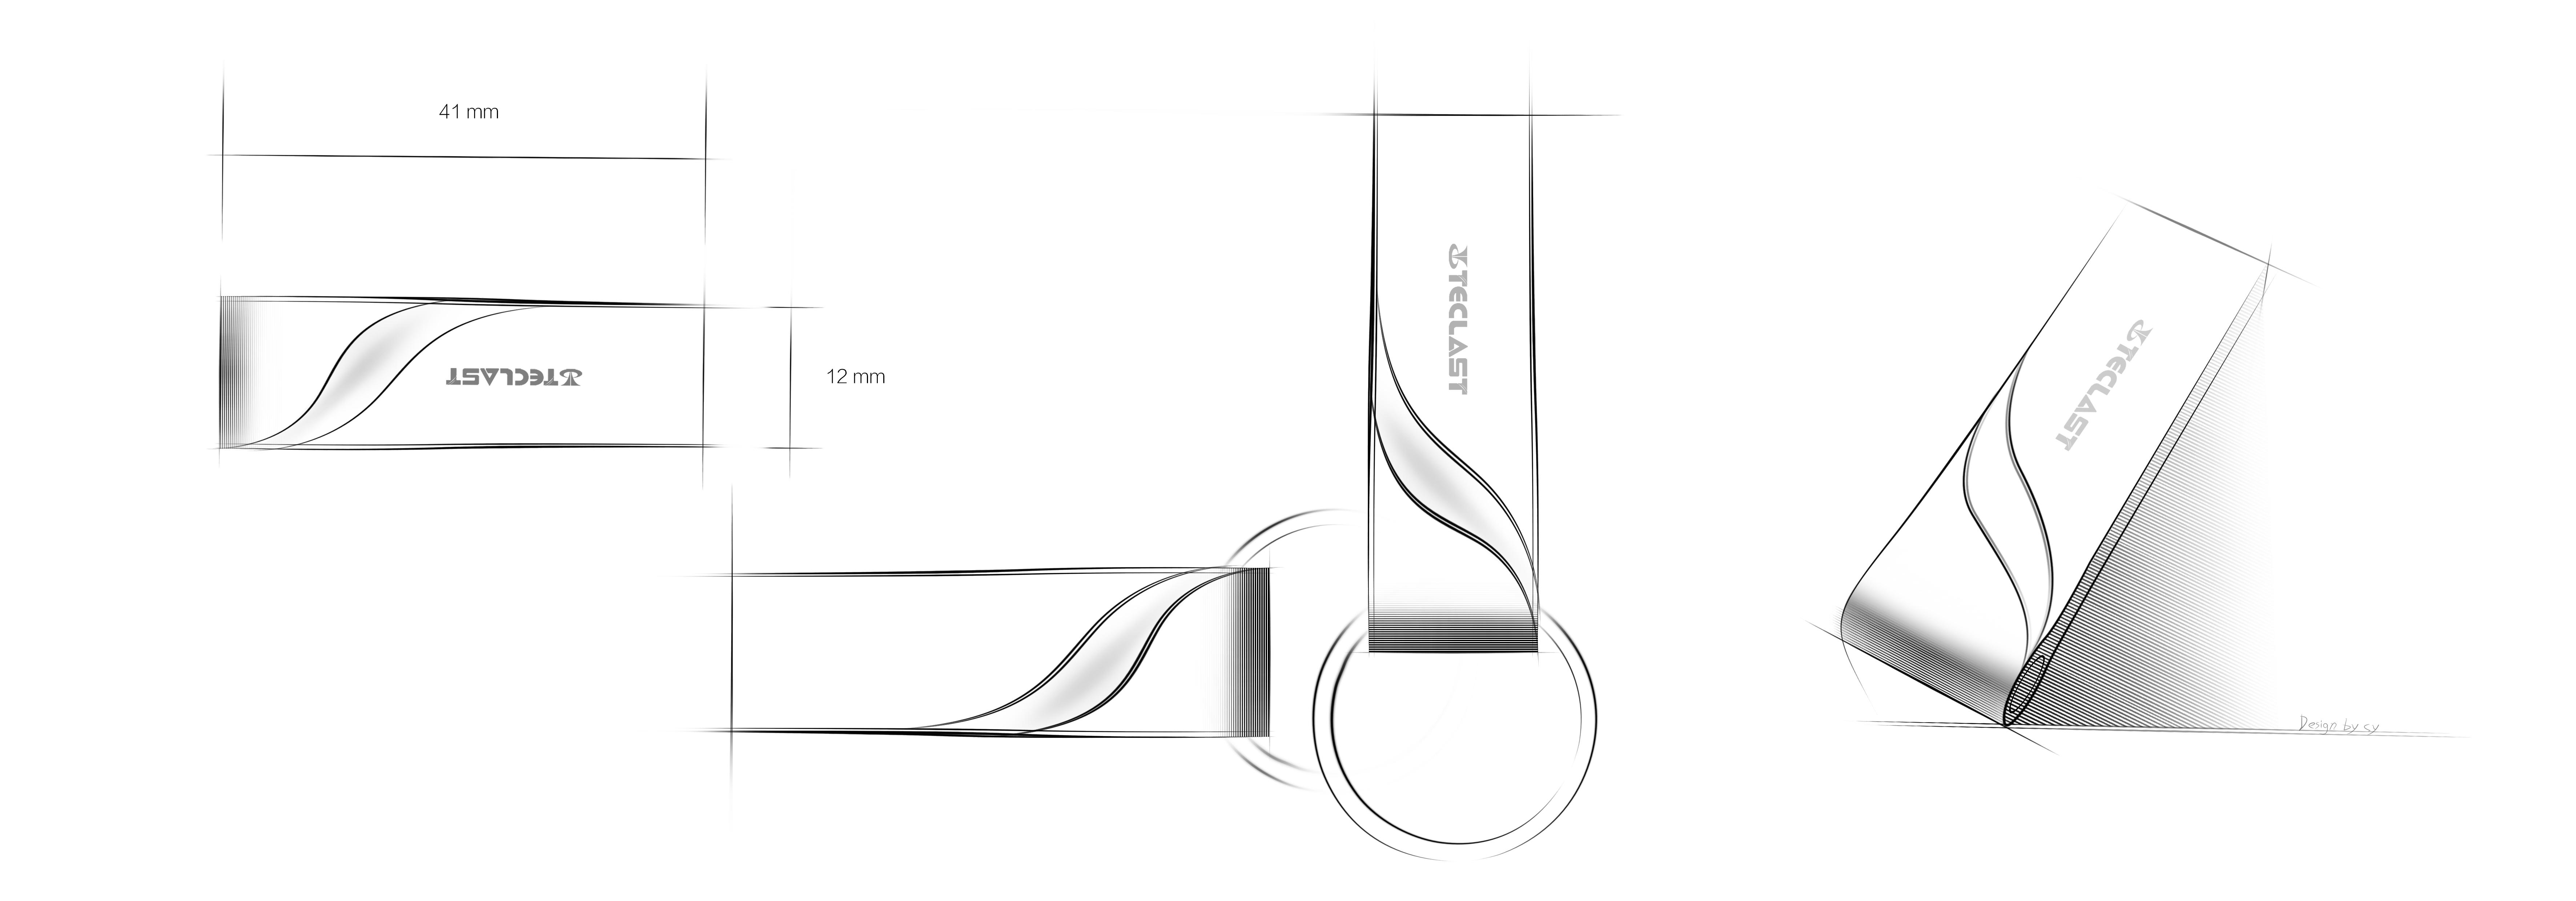 产品设计图手绘效果图